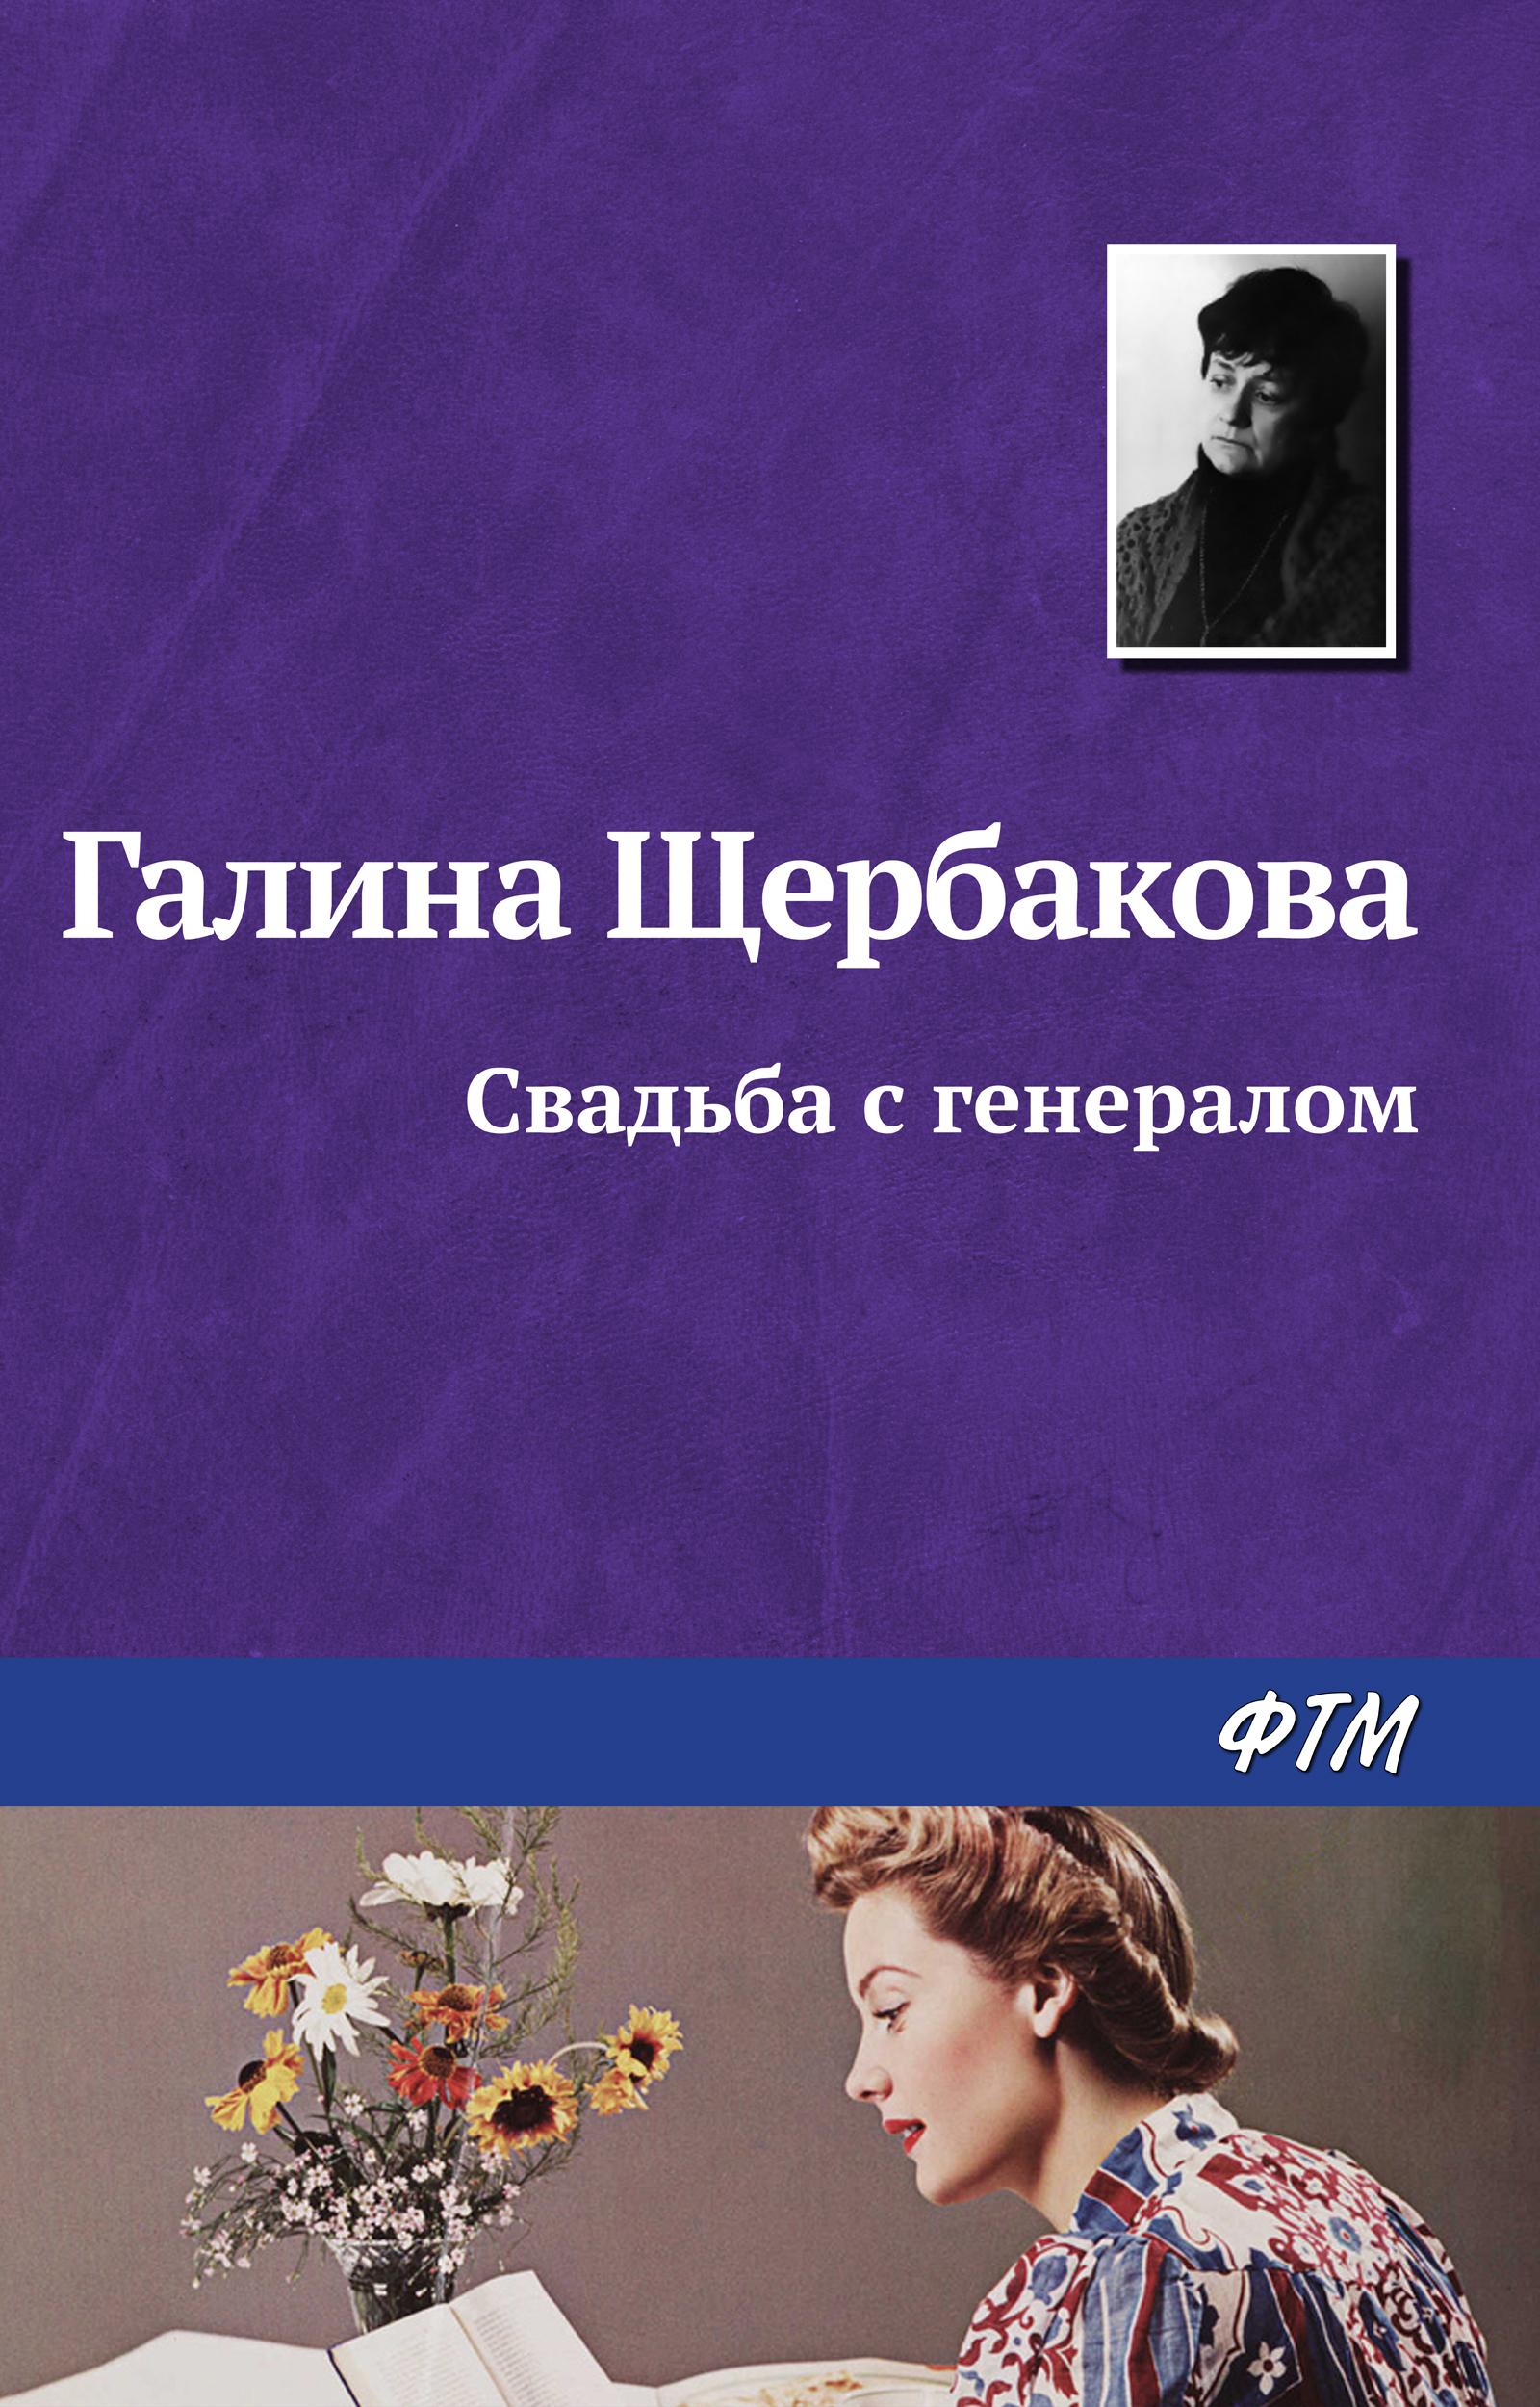 Галина Щербакова Свадьба с генералом